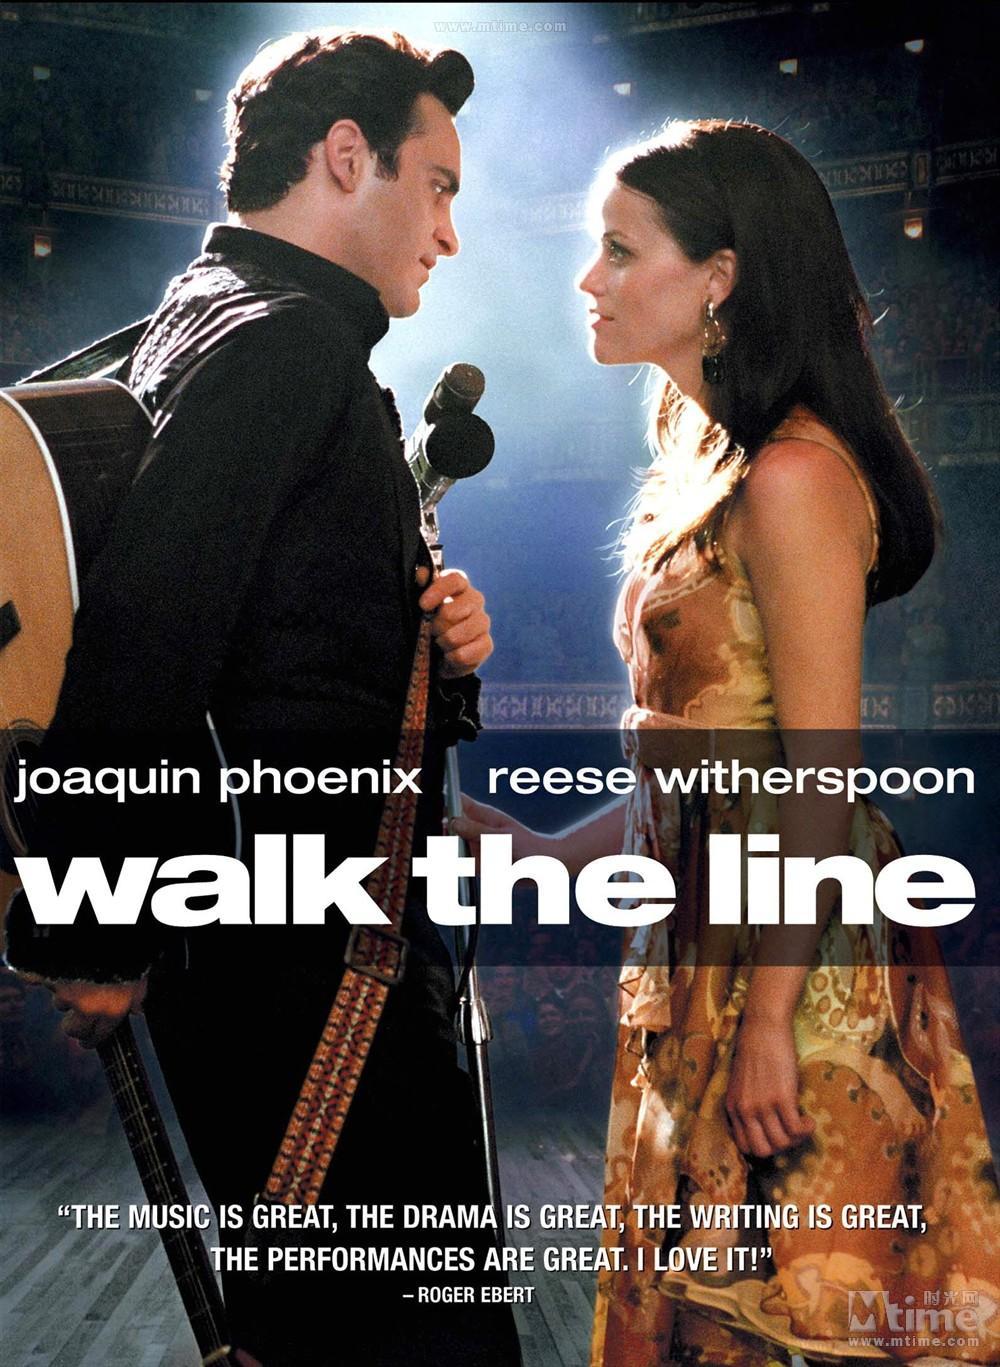 《与歌同行》walk the line,如何找到那条直线